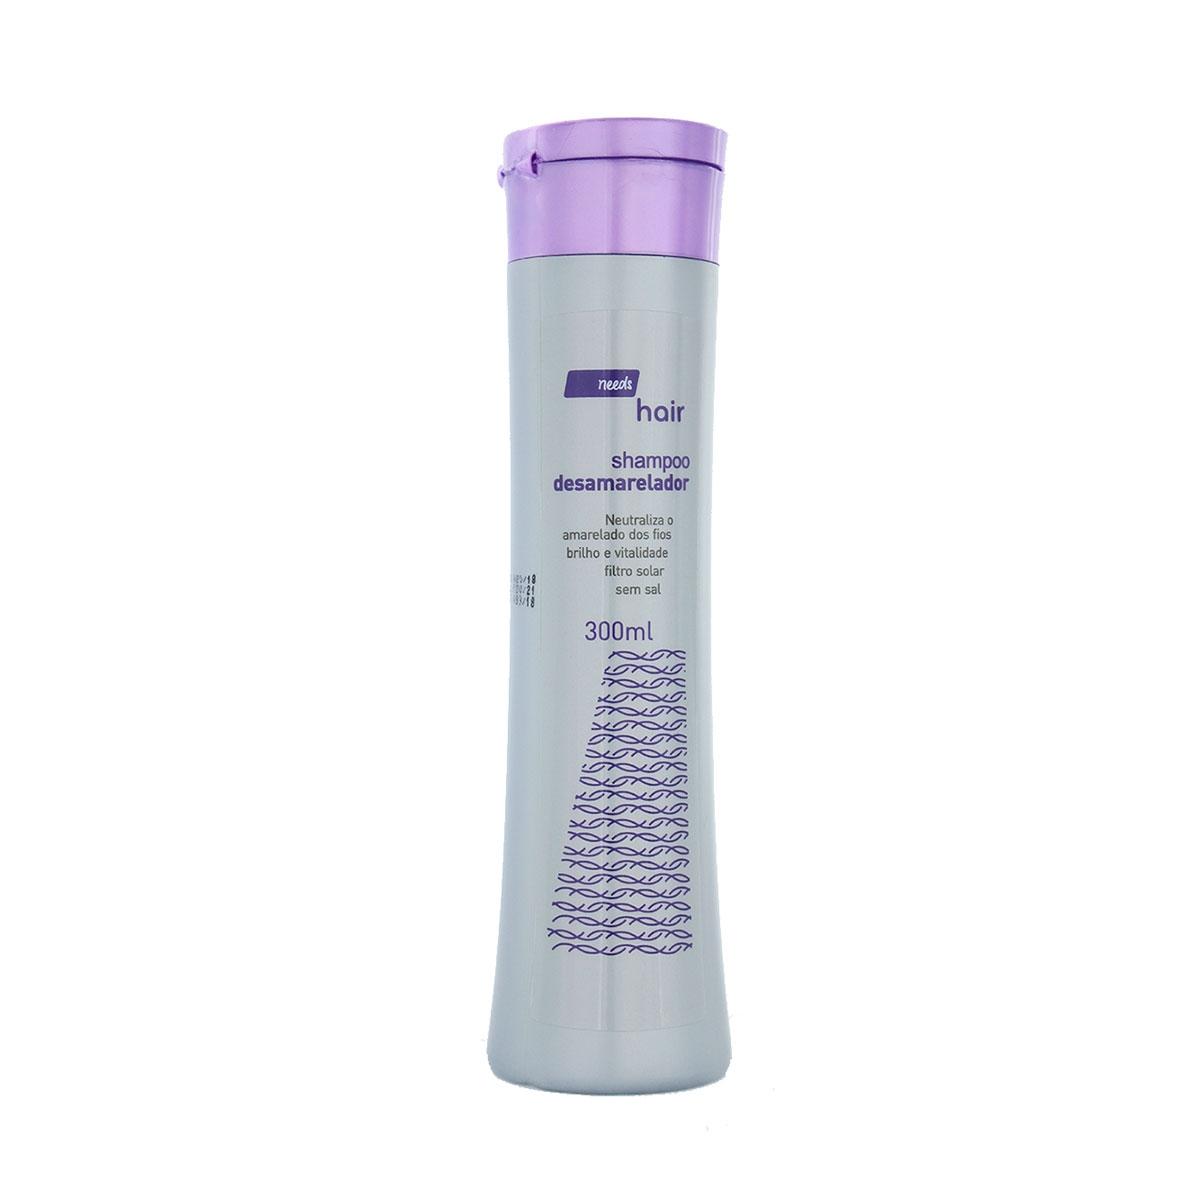 Shampoo Desamarelador Needs Hair com 300ml 300ml